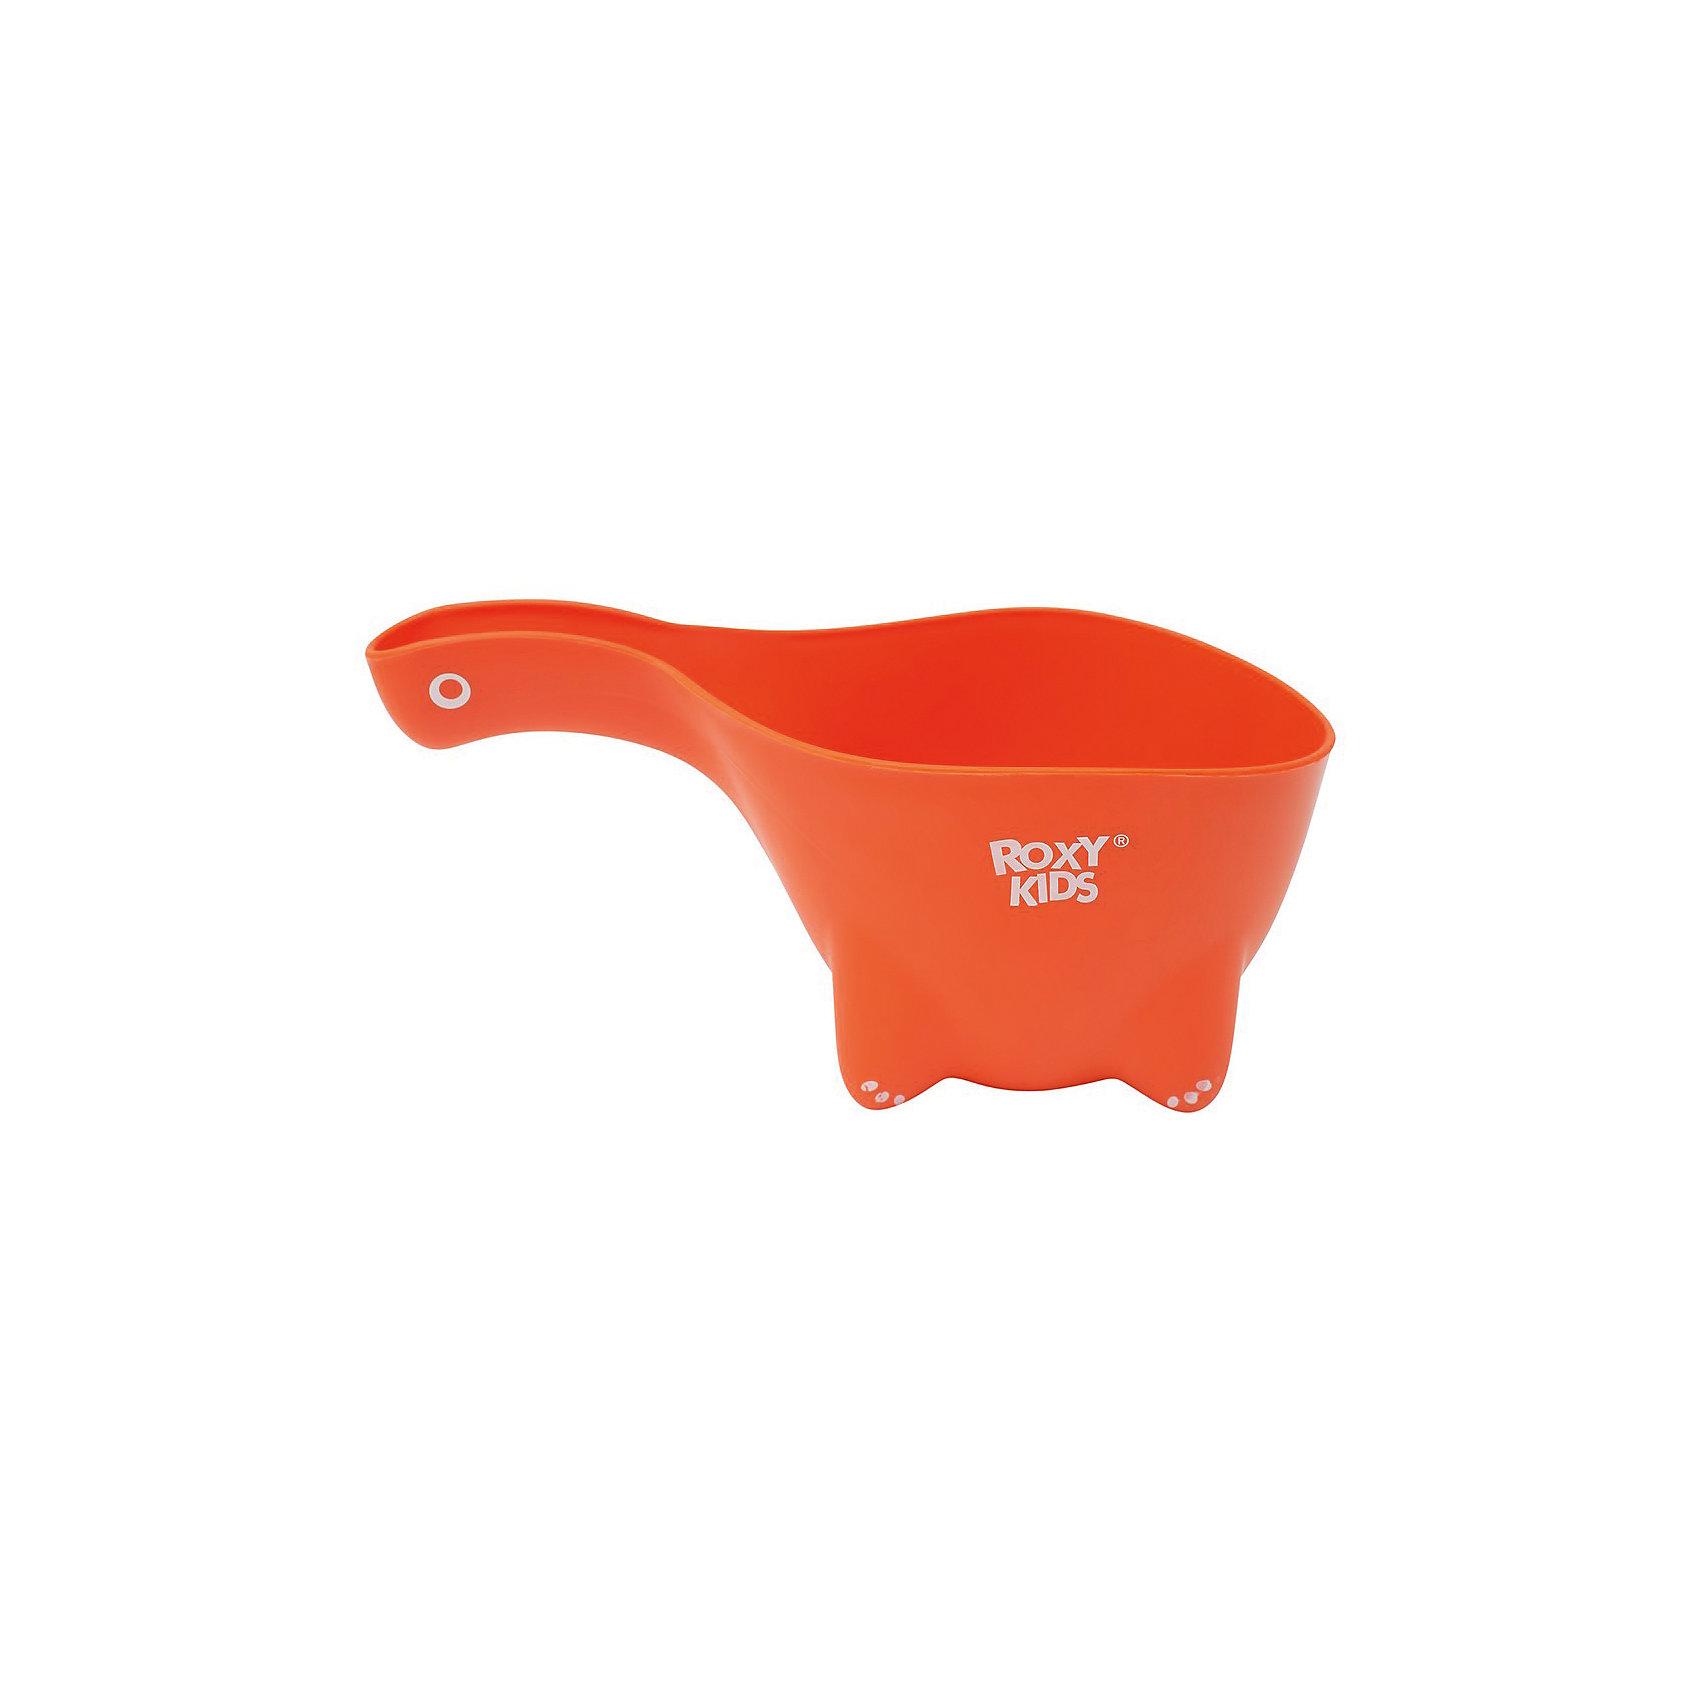 Ковшик для мытья головы DINO SCOOP, Roxy-Kids, оранжевыйПрочие аксессуары<br>Характеристики:<br><br>• Предназначение: для купания<br>• Пол: универсальный<br>• Цвет: оранжевый<br>• Материал: полипропилен<br>• Объем: 800 мл<br>• Устойчивое основание<br>• Вес: 90 г<br>• Размеры (Д*Ш*В): 22*9,5*12,5 см<br><br>Ковшик для мытья головы DINO SCOOP, Roxy-Kids, оранжевый выполнен из полипропилена, который не имеет запаха. Выполнен в форме динозаврика. Имеет устойчивое днище и прочную ручку. Не нагревается. Ковшик для мытья головы DINO SCOOP, Roxy-Kids, оранжевый – это не только незаменимый аксессуар для купания, но и яркая игрушка для малыша!<br><br>Ковшик для мытья головы DINO SCOOP, Roxy-Kids, оранжевый можно купить в нашем интернет-магазине.<br><br>Ширина мм: 220<br>Глубина мм: 125<br>Высота мм: 95<br>Вес г: 90<br>Возраст от месяцев: 0<br>Возраст до месяцев: 36<br>Пол: Унисекс<br>Возраст: Детский<br>SKU: 5489913